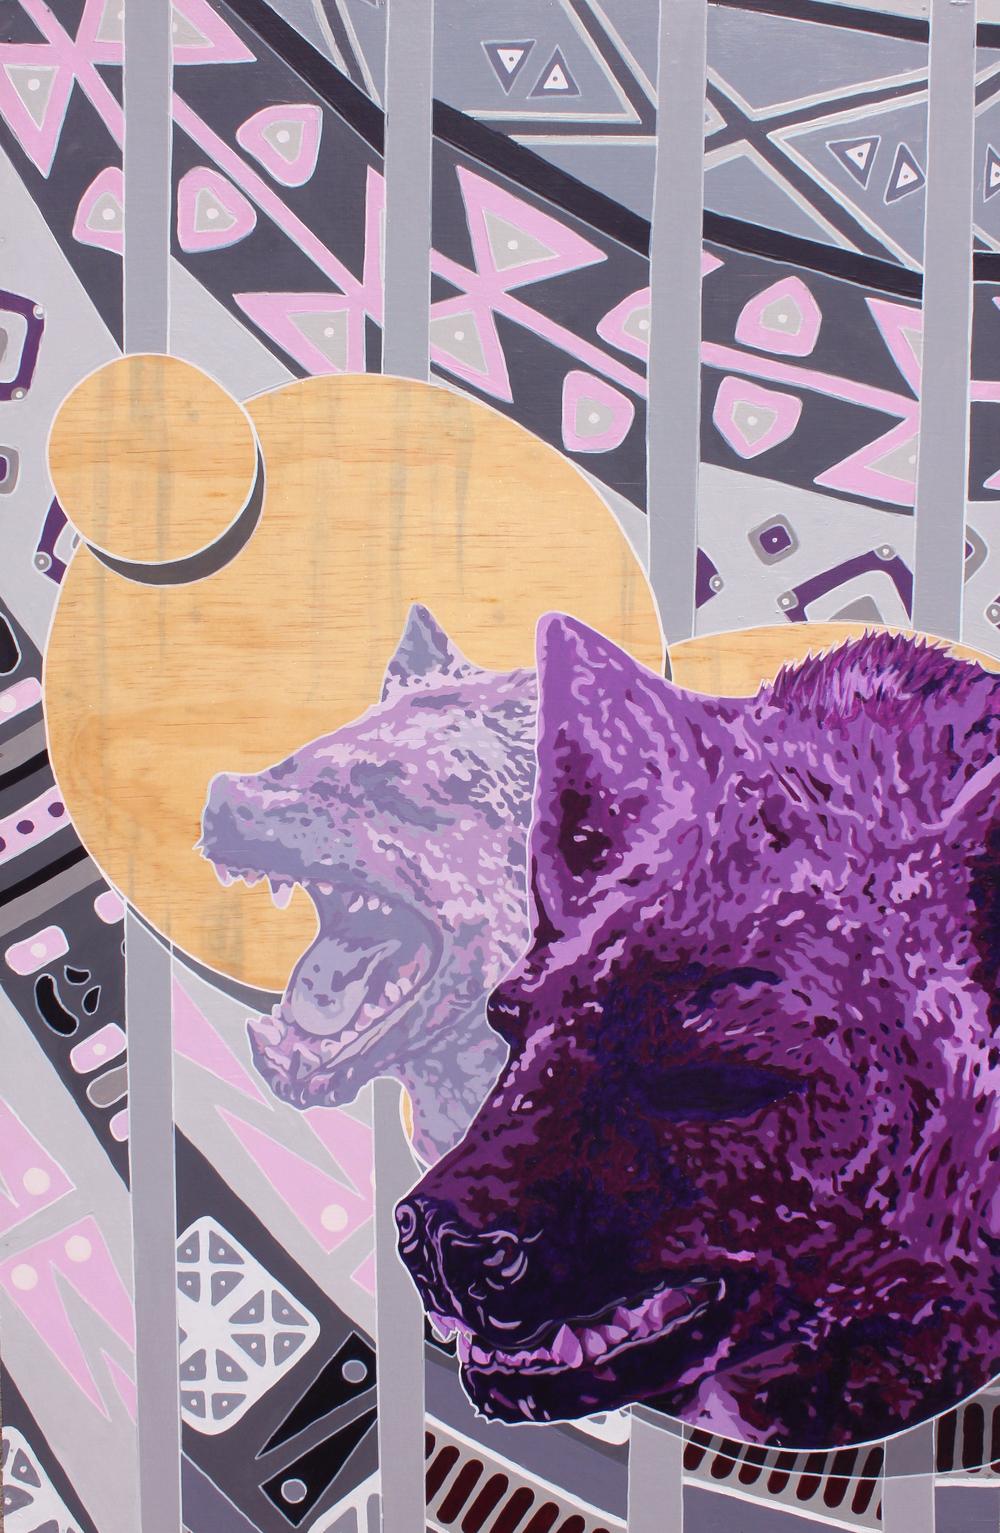 L.O.L  2.5' x 4'  Acrylic on Canvas  2015